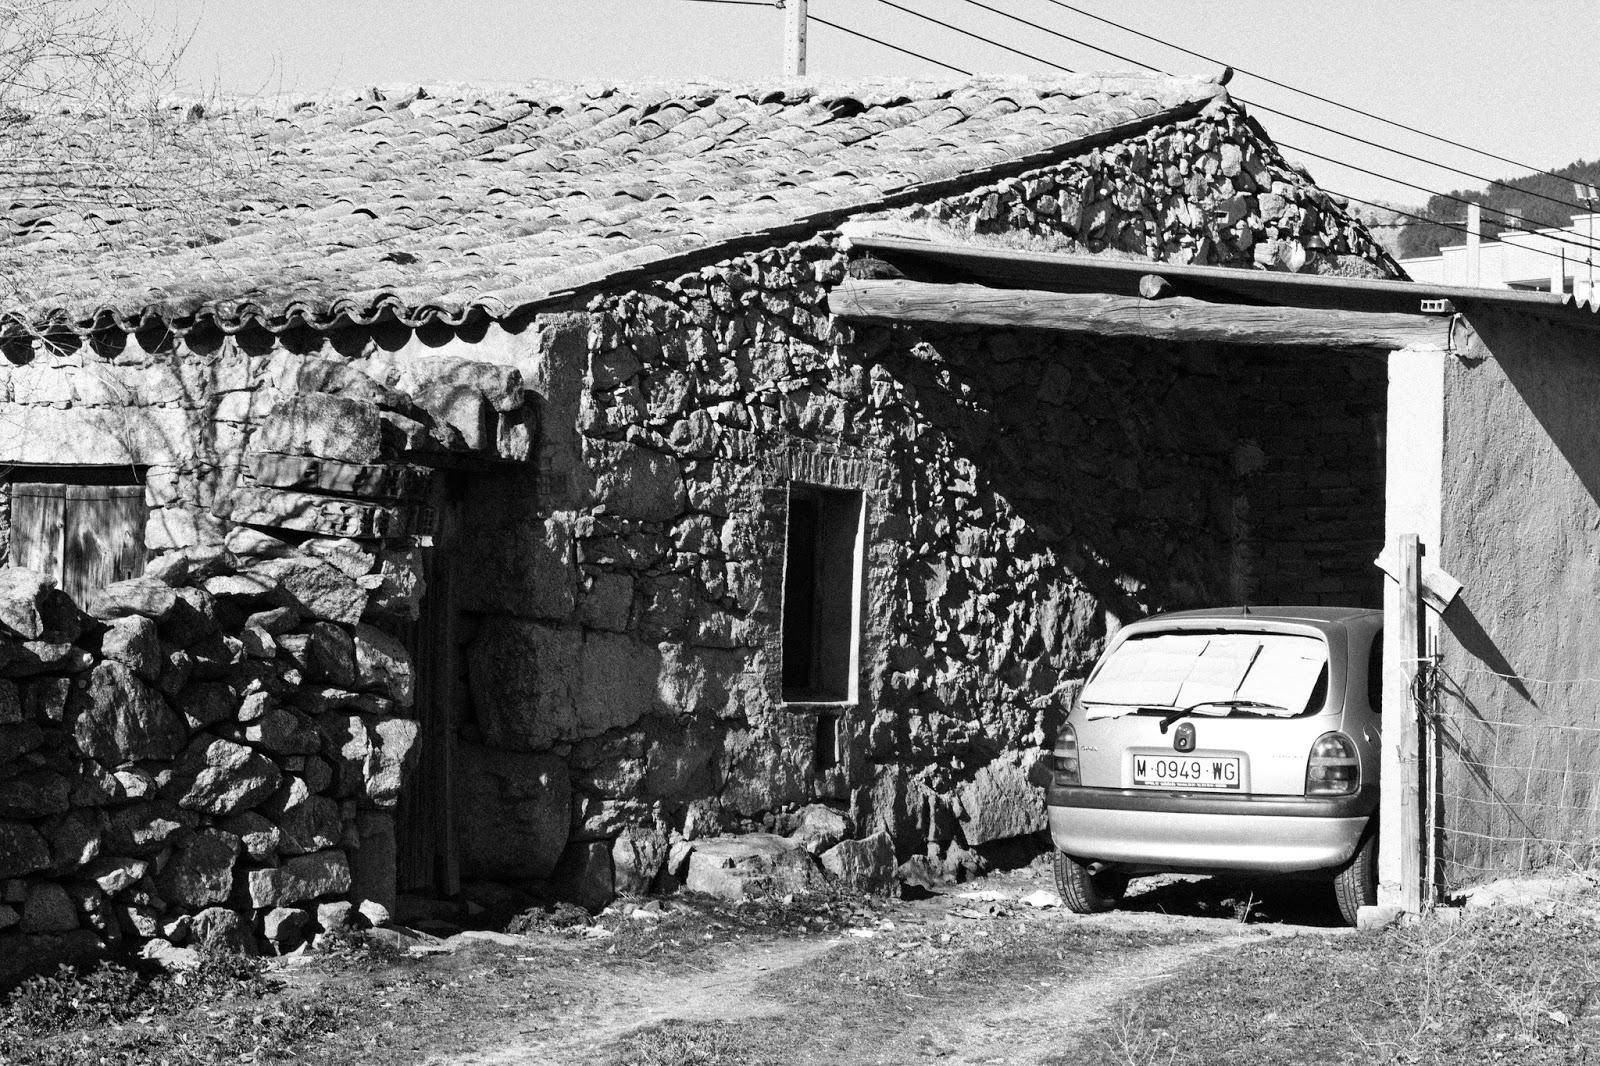 Aparcamiento, El Barraco, Avila 2013